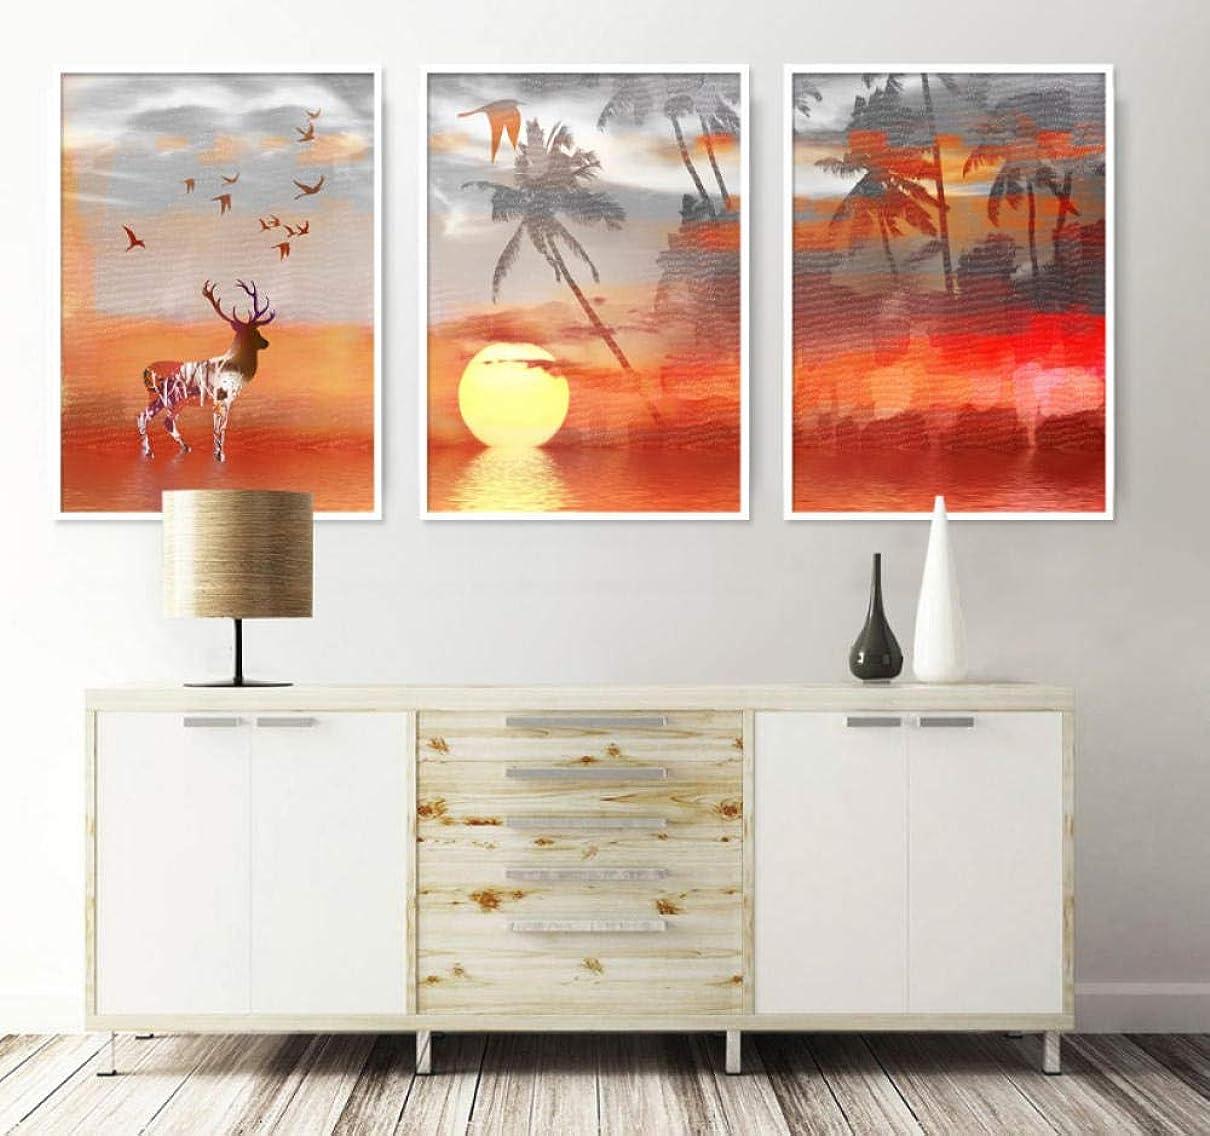 ゆるい正直例抽象的な気分日没エルク森反射トリプル装飾絵画インテリアスプレー絵画インテリアキャンバスの壁の写真/フレームなし40x60cmx3pcs